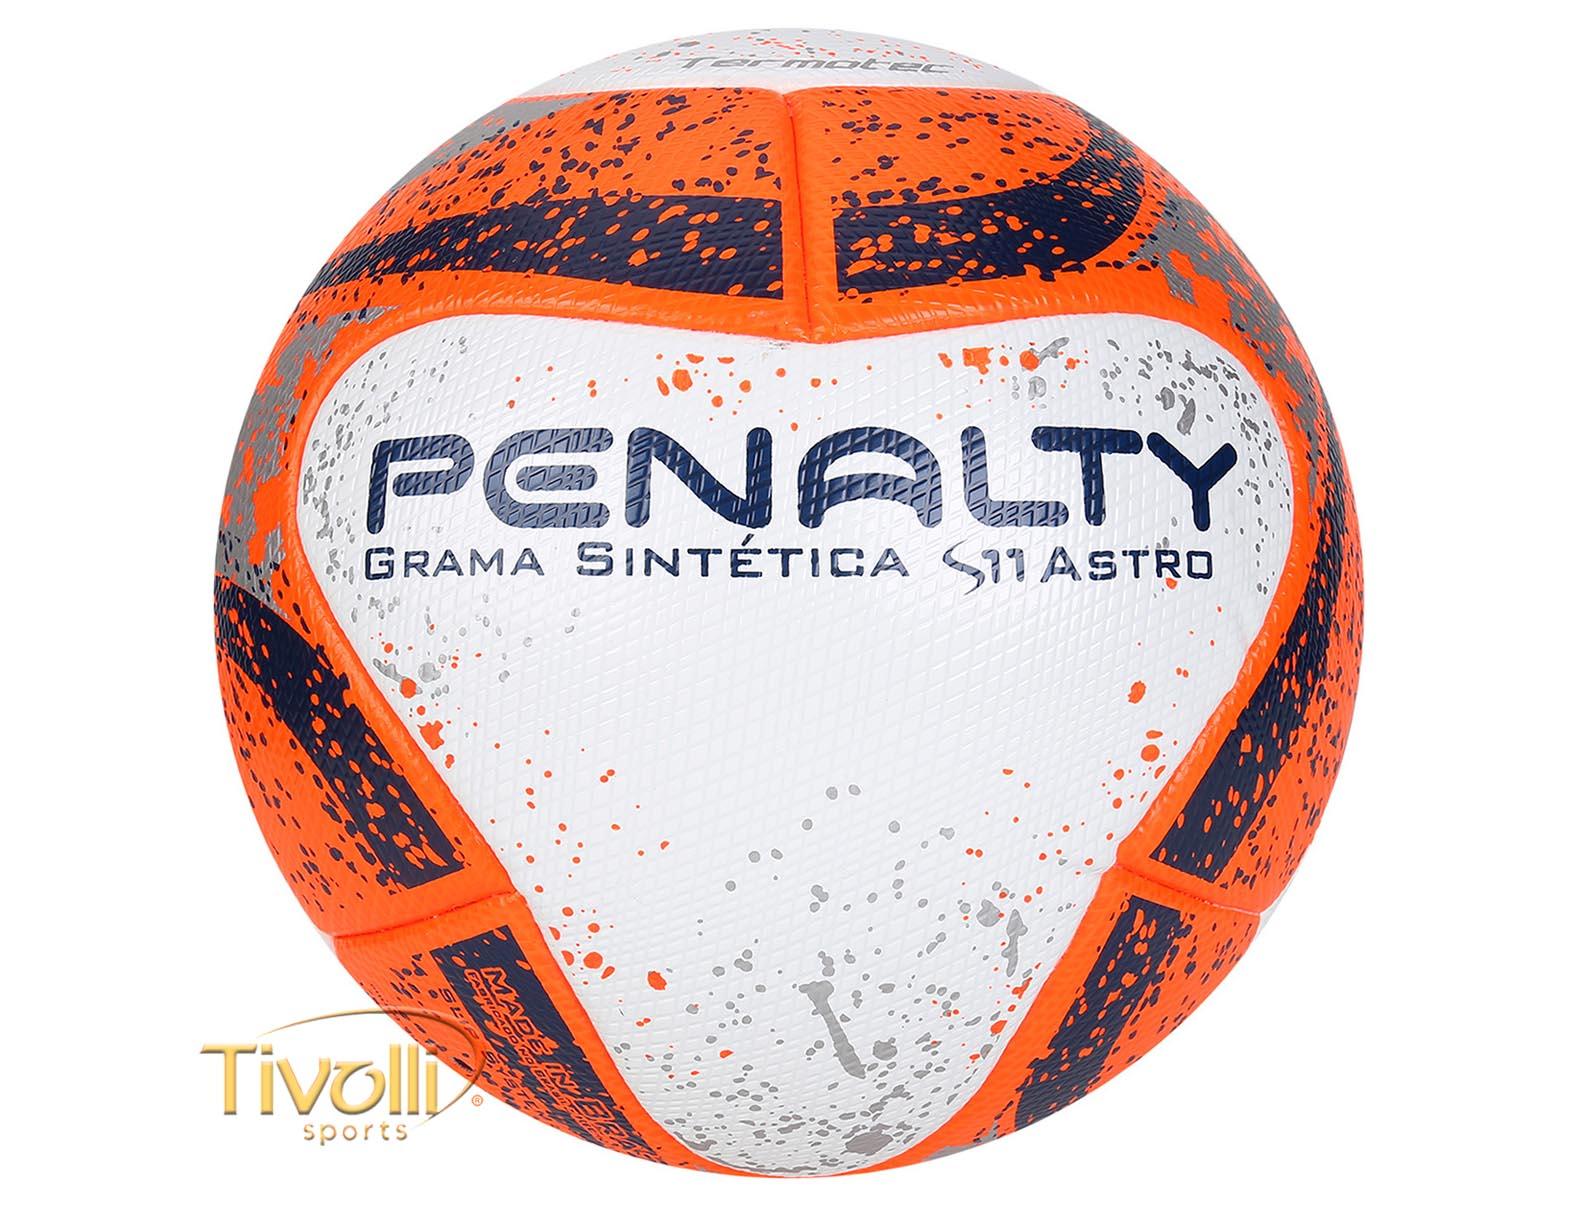 Bola Penalty S11 Astro Kick Off Society     21992c5374f68